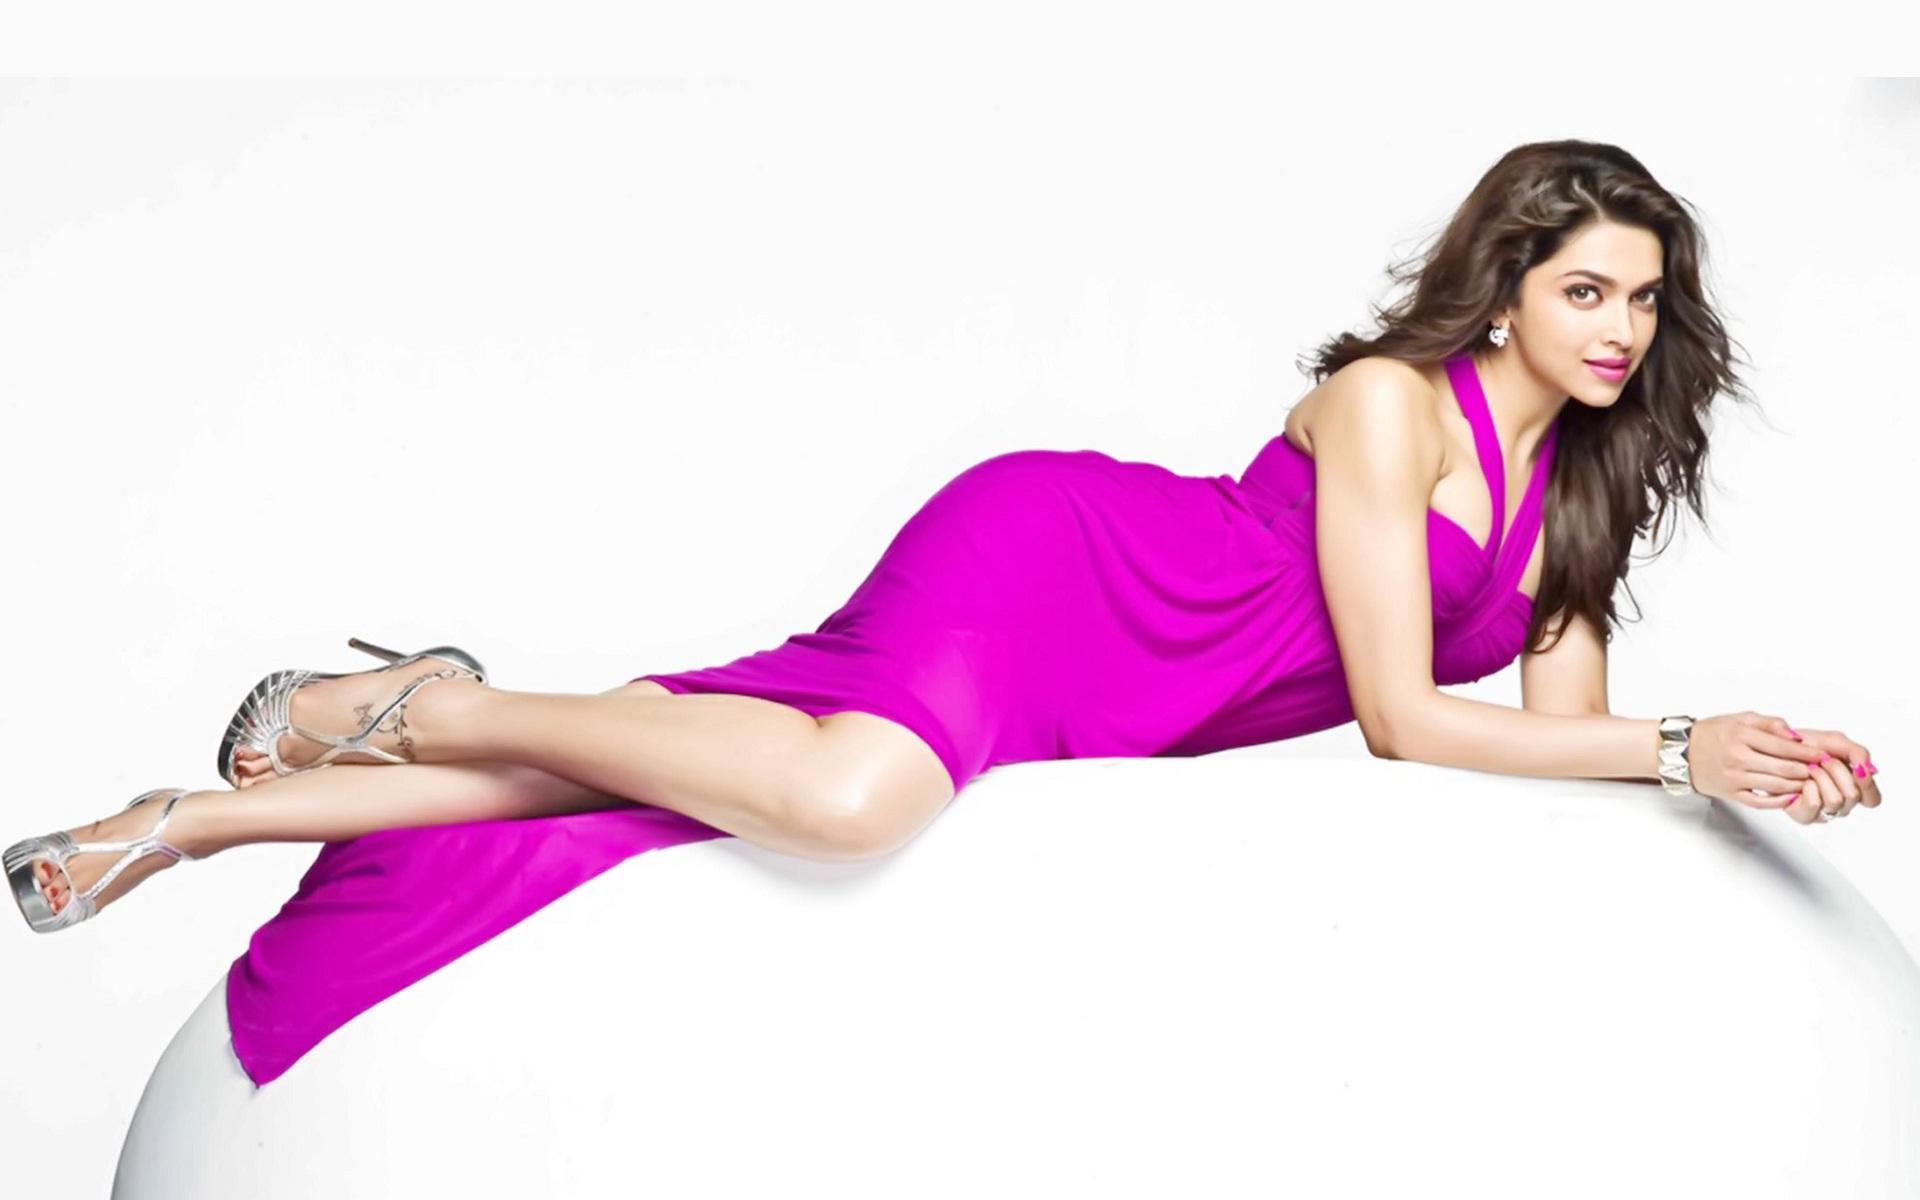 Deepika-Padukone-pink-dress-hot-photos